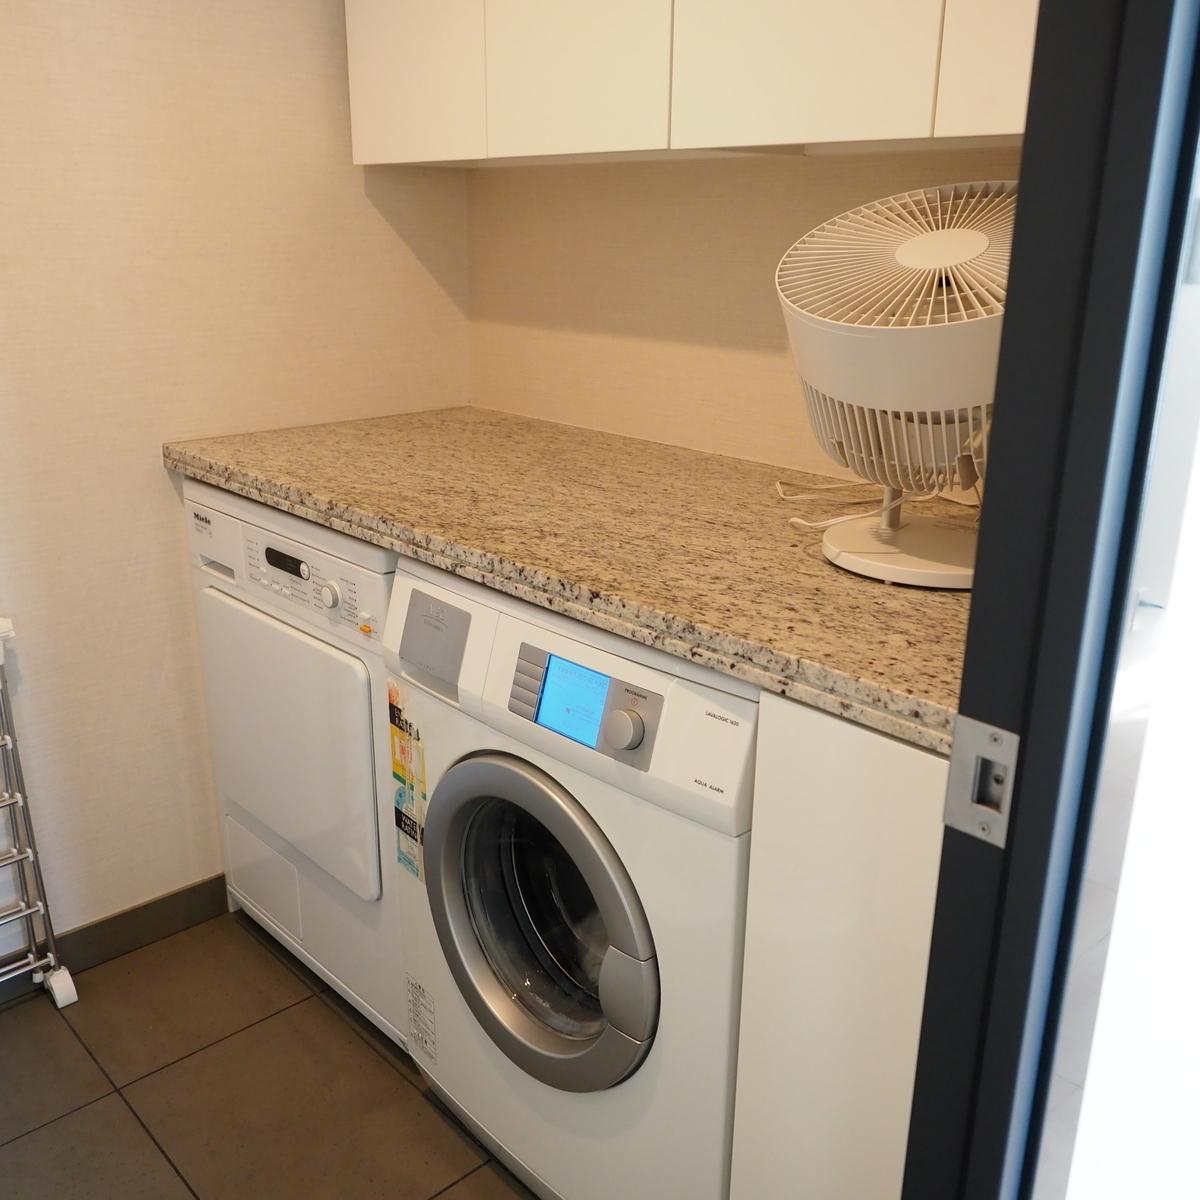 ミーレとAEGの洗濯機があるランドリールーム